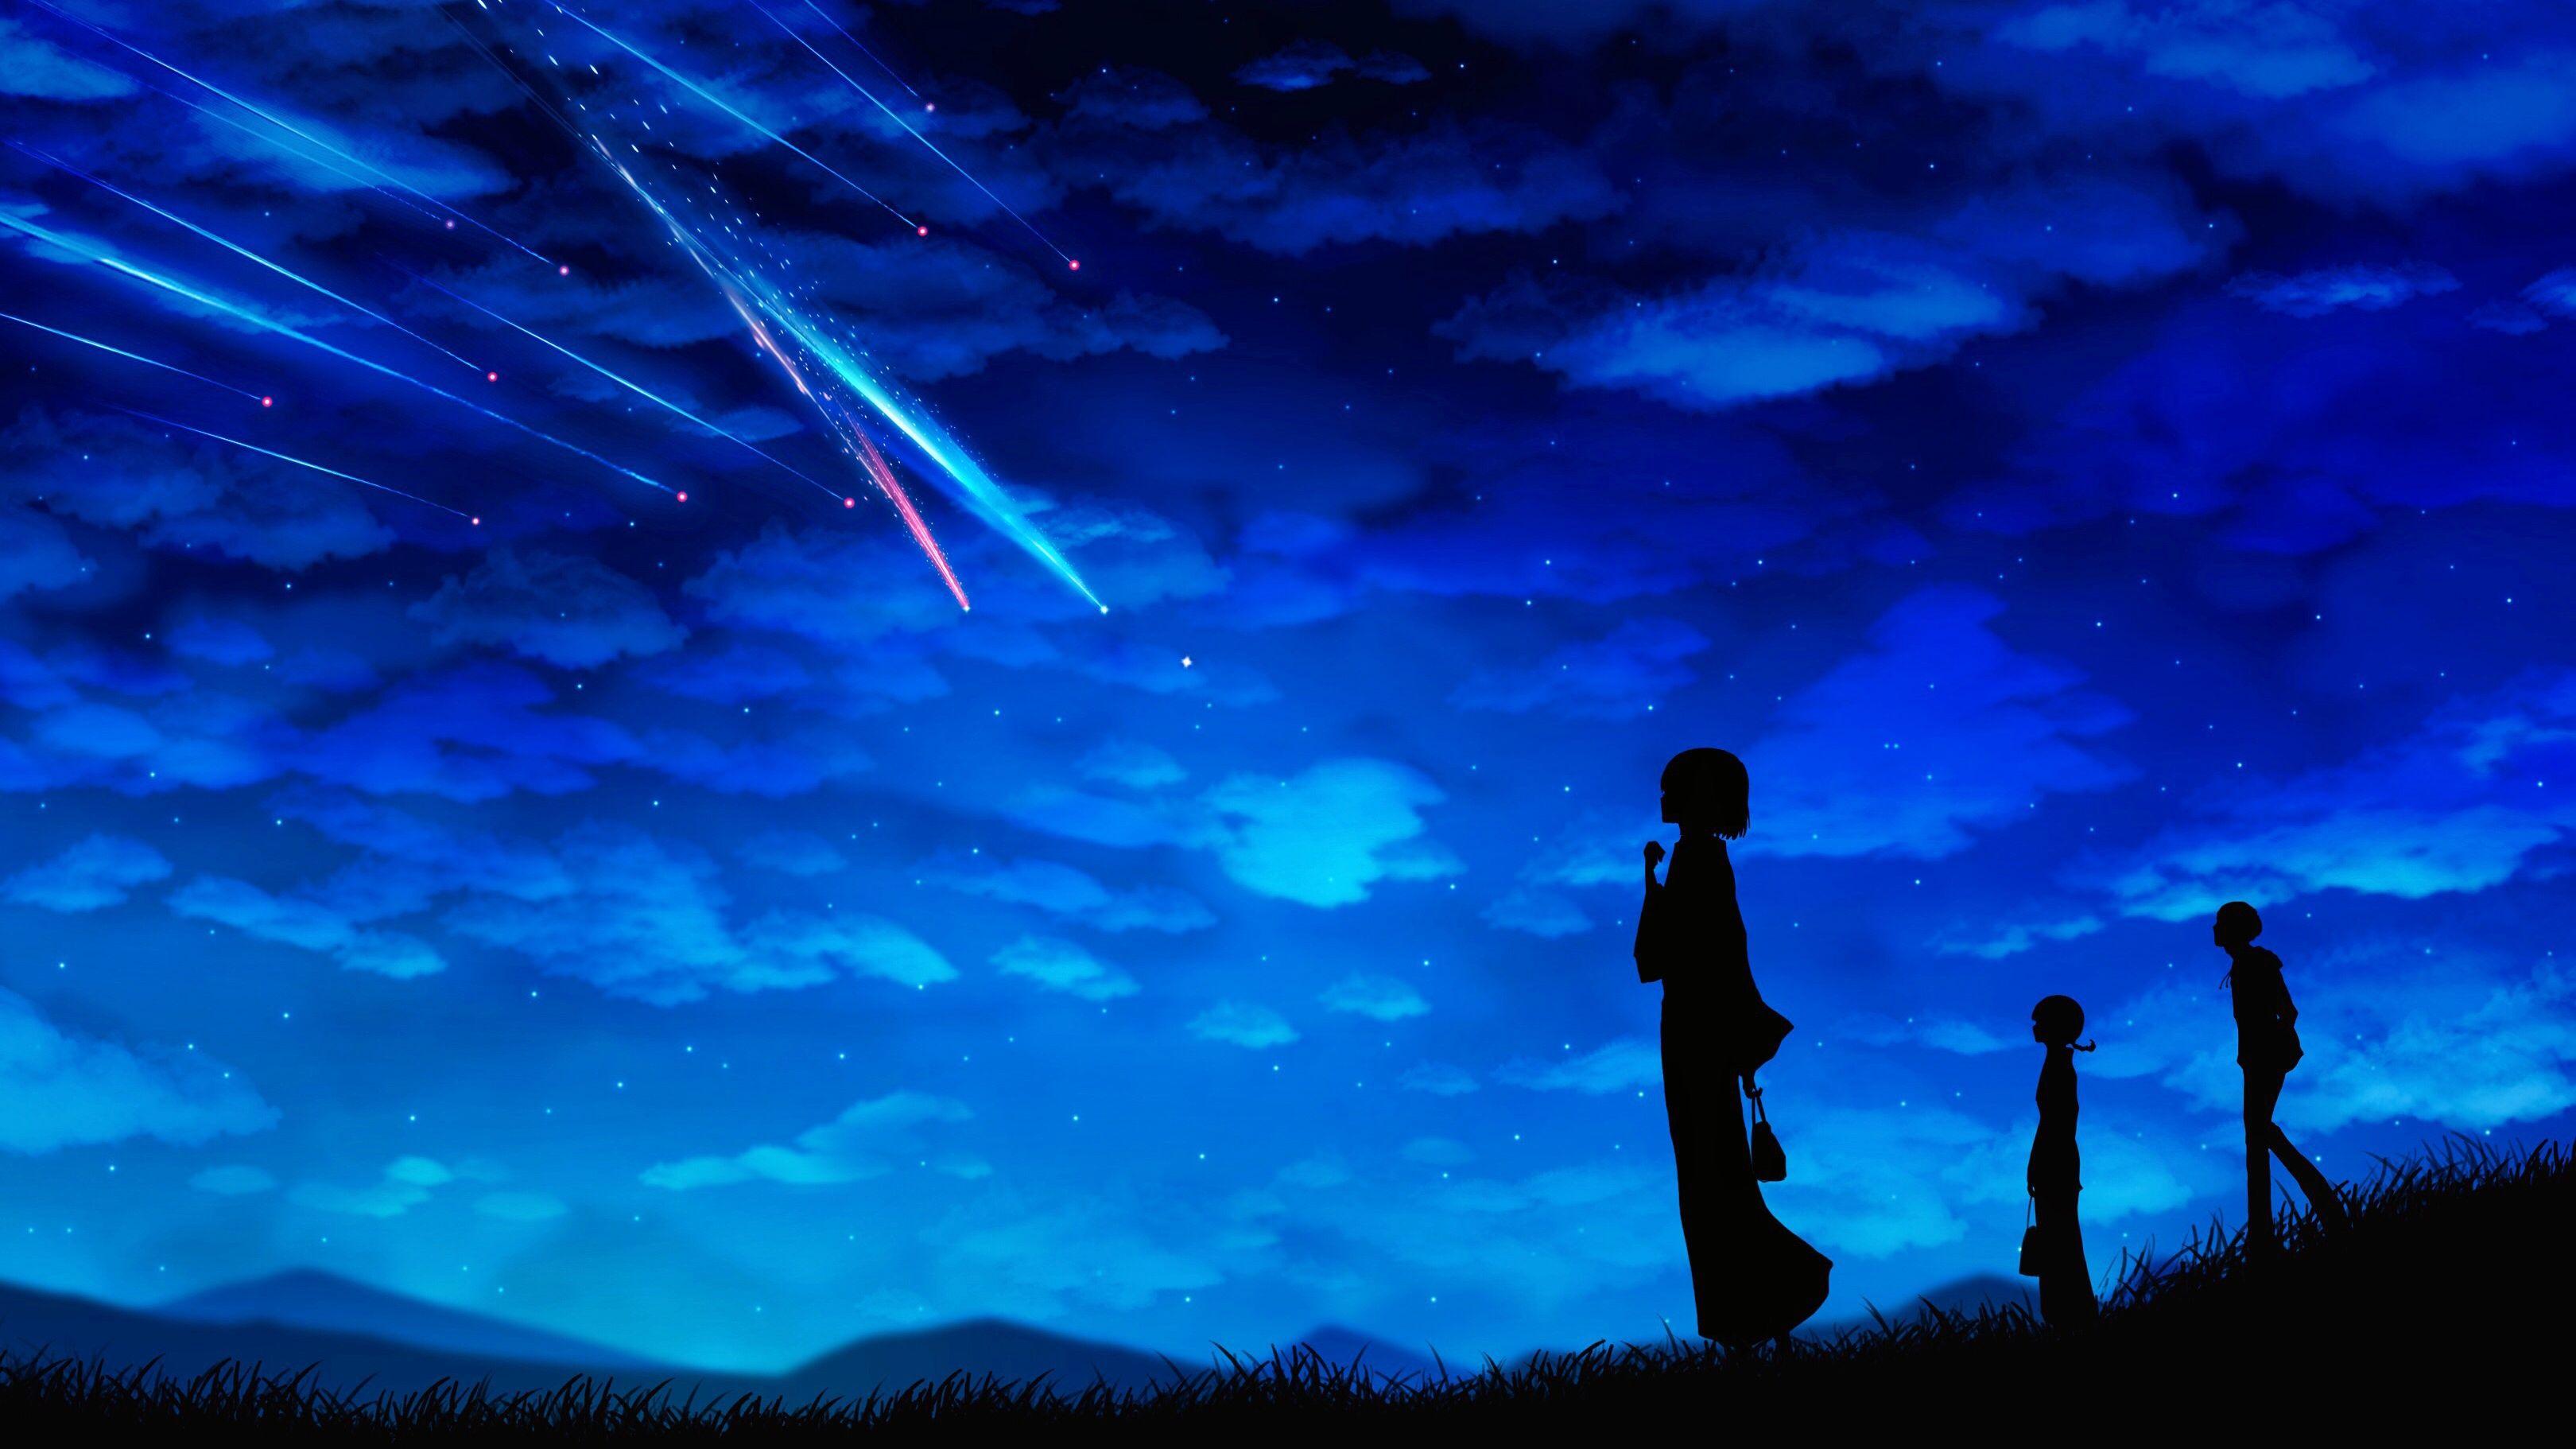 Makoto Shinkai Kimi No Na Wa Wallpaper Full Hd Free Download